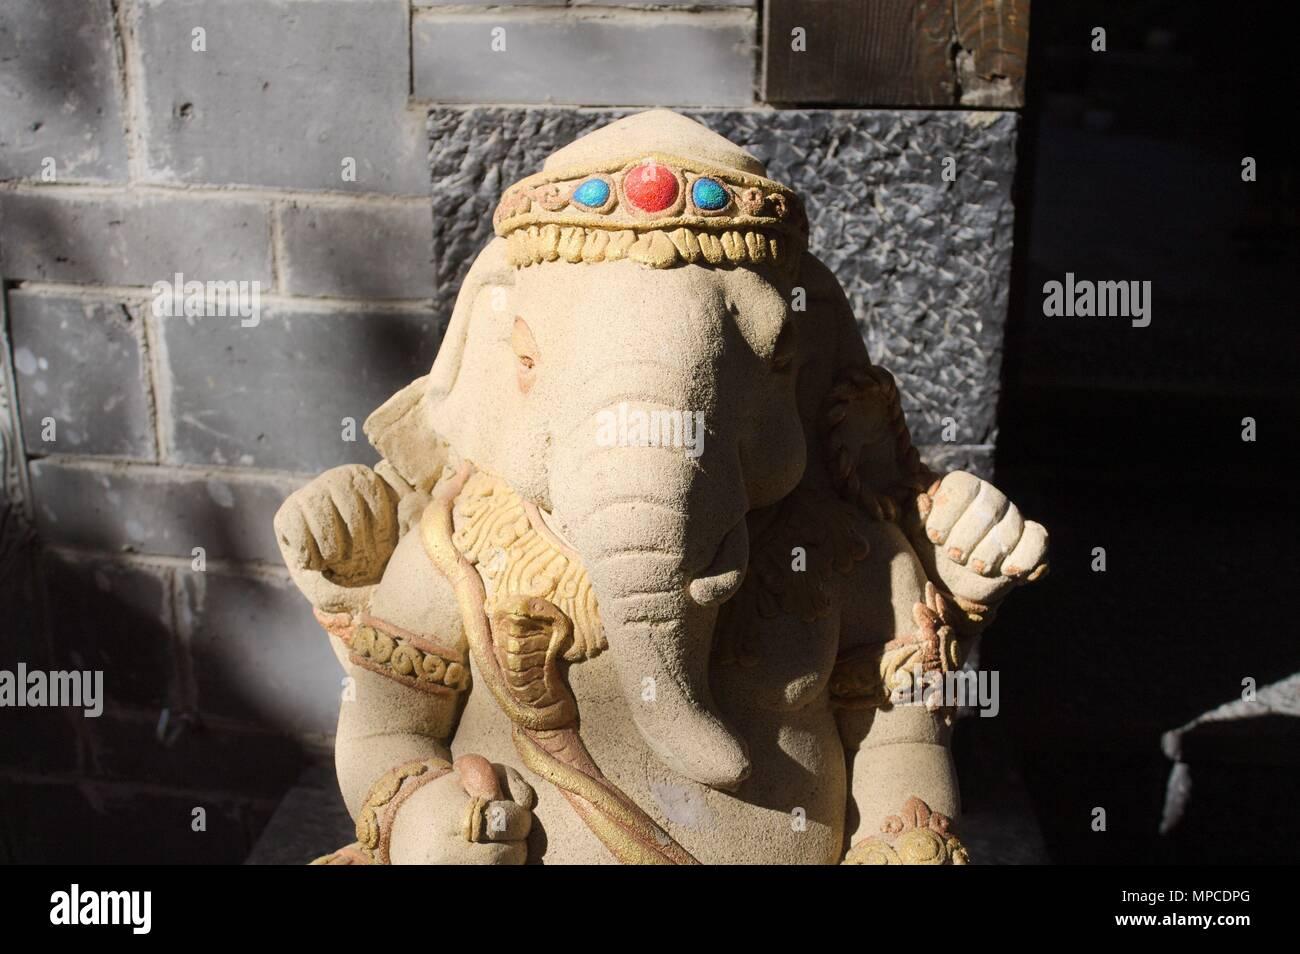 Ganesha statue - Hinduist religion (Old Town of Lijiang, Yunnan, China) - Stock Image